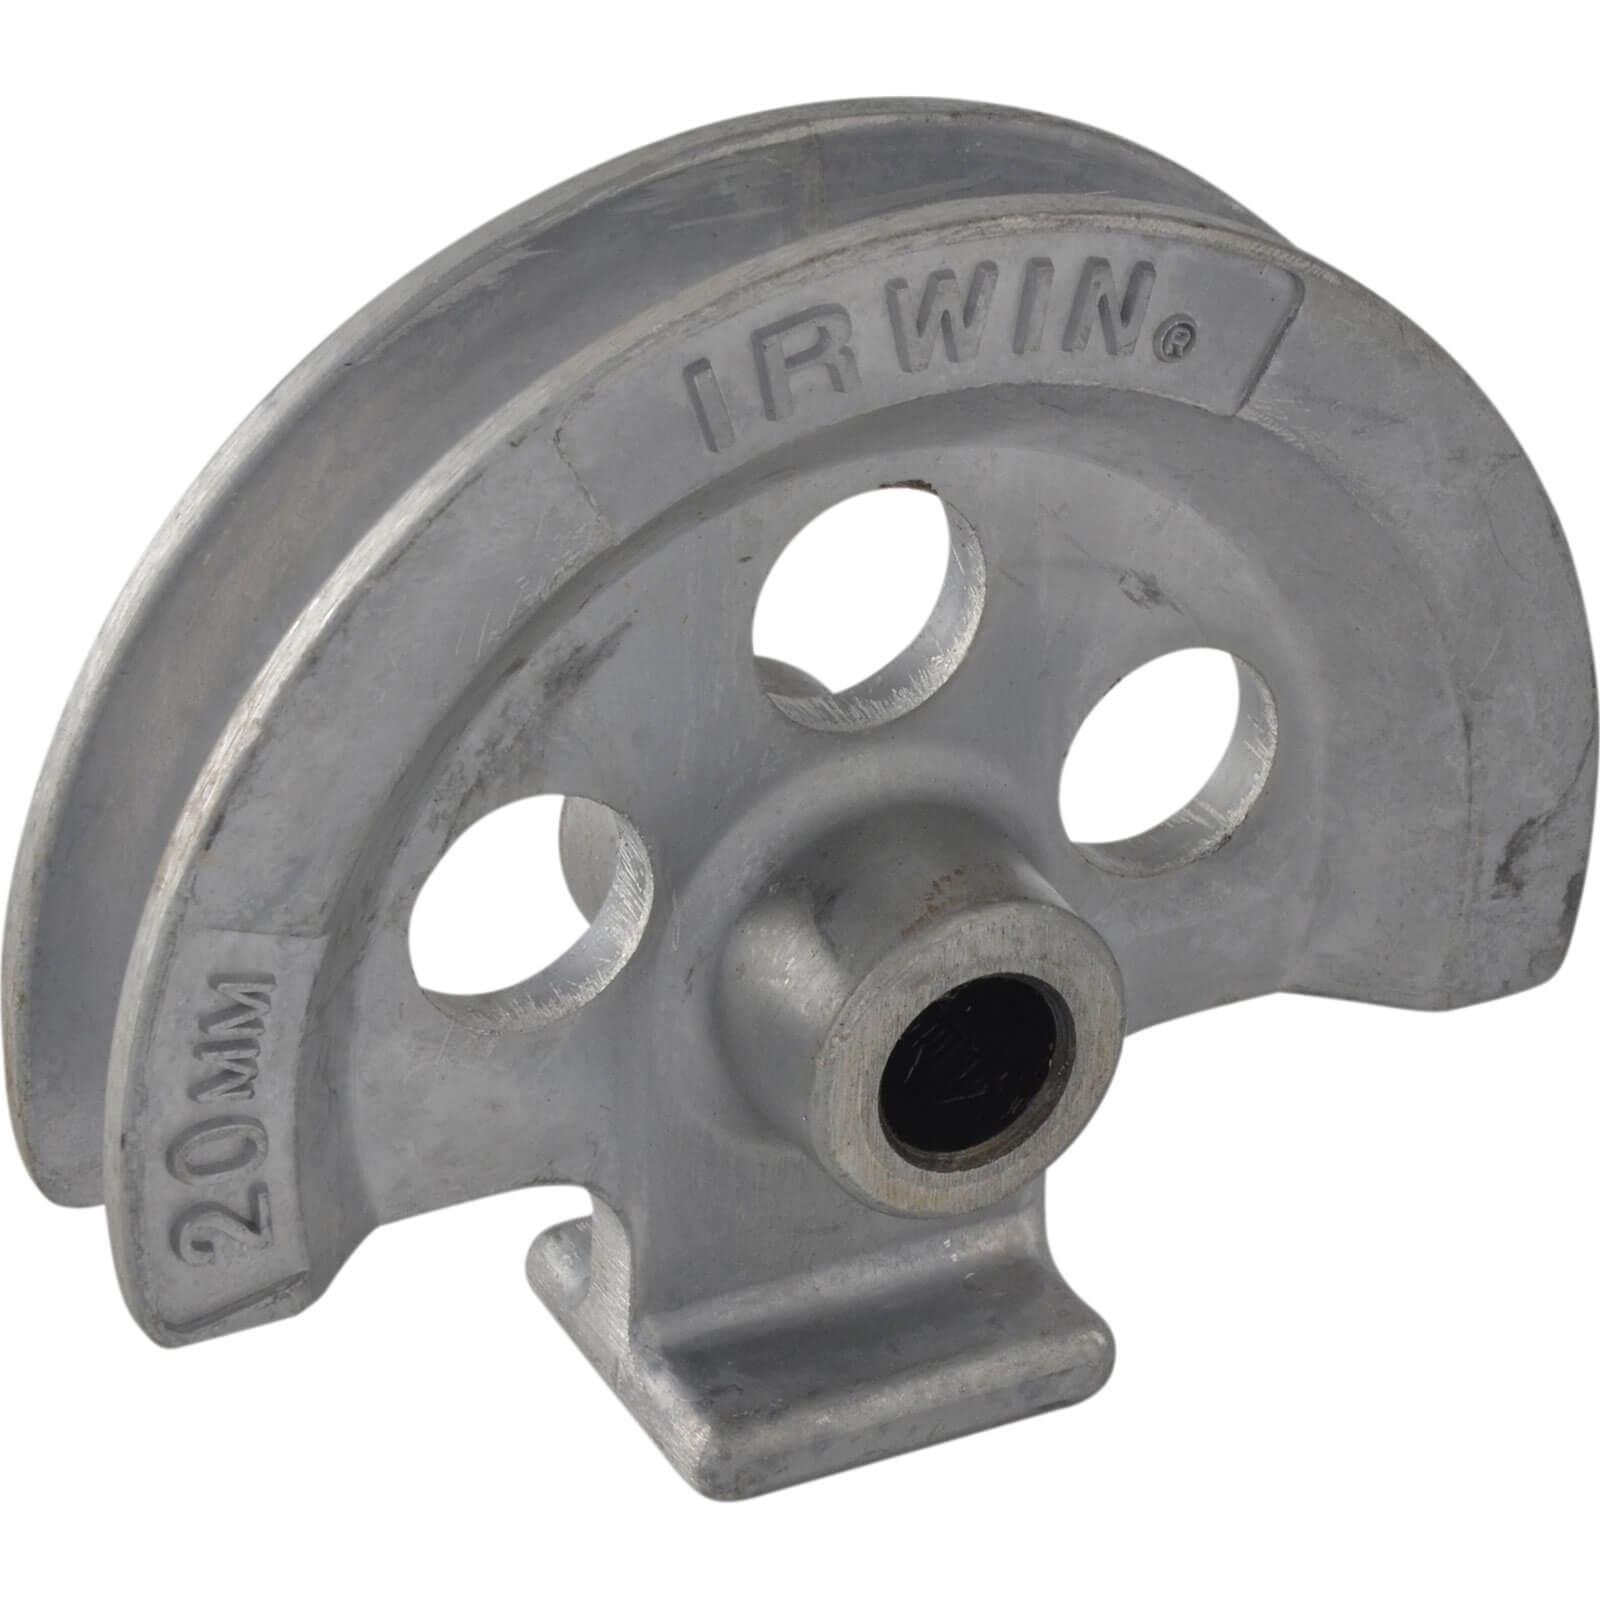 Image of Hilmor Aluminum Former For EL25 EL32 Pipe Bender 20mm